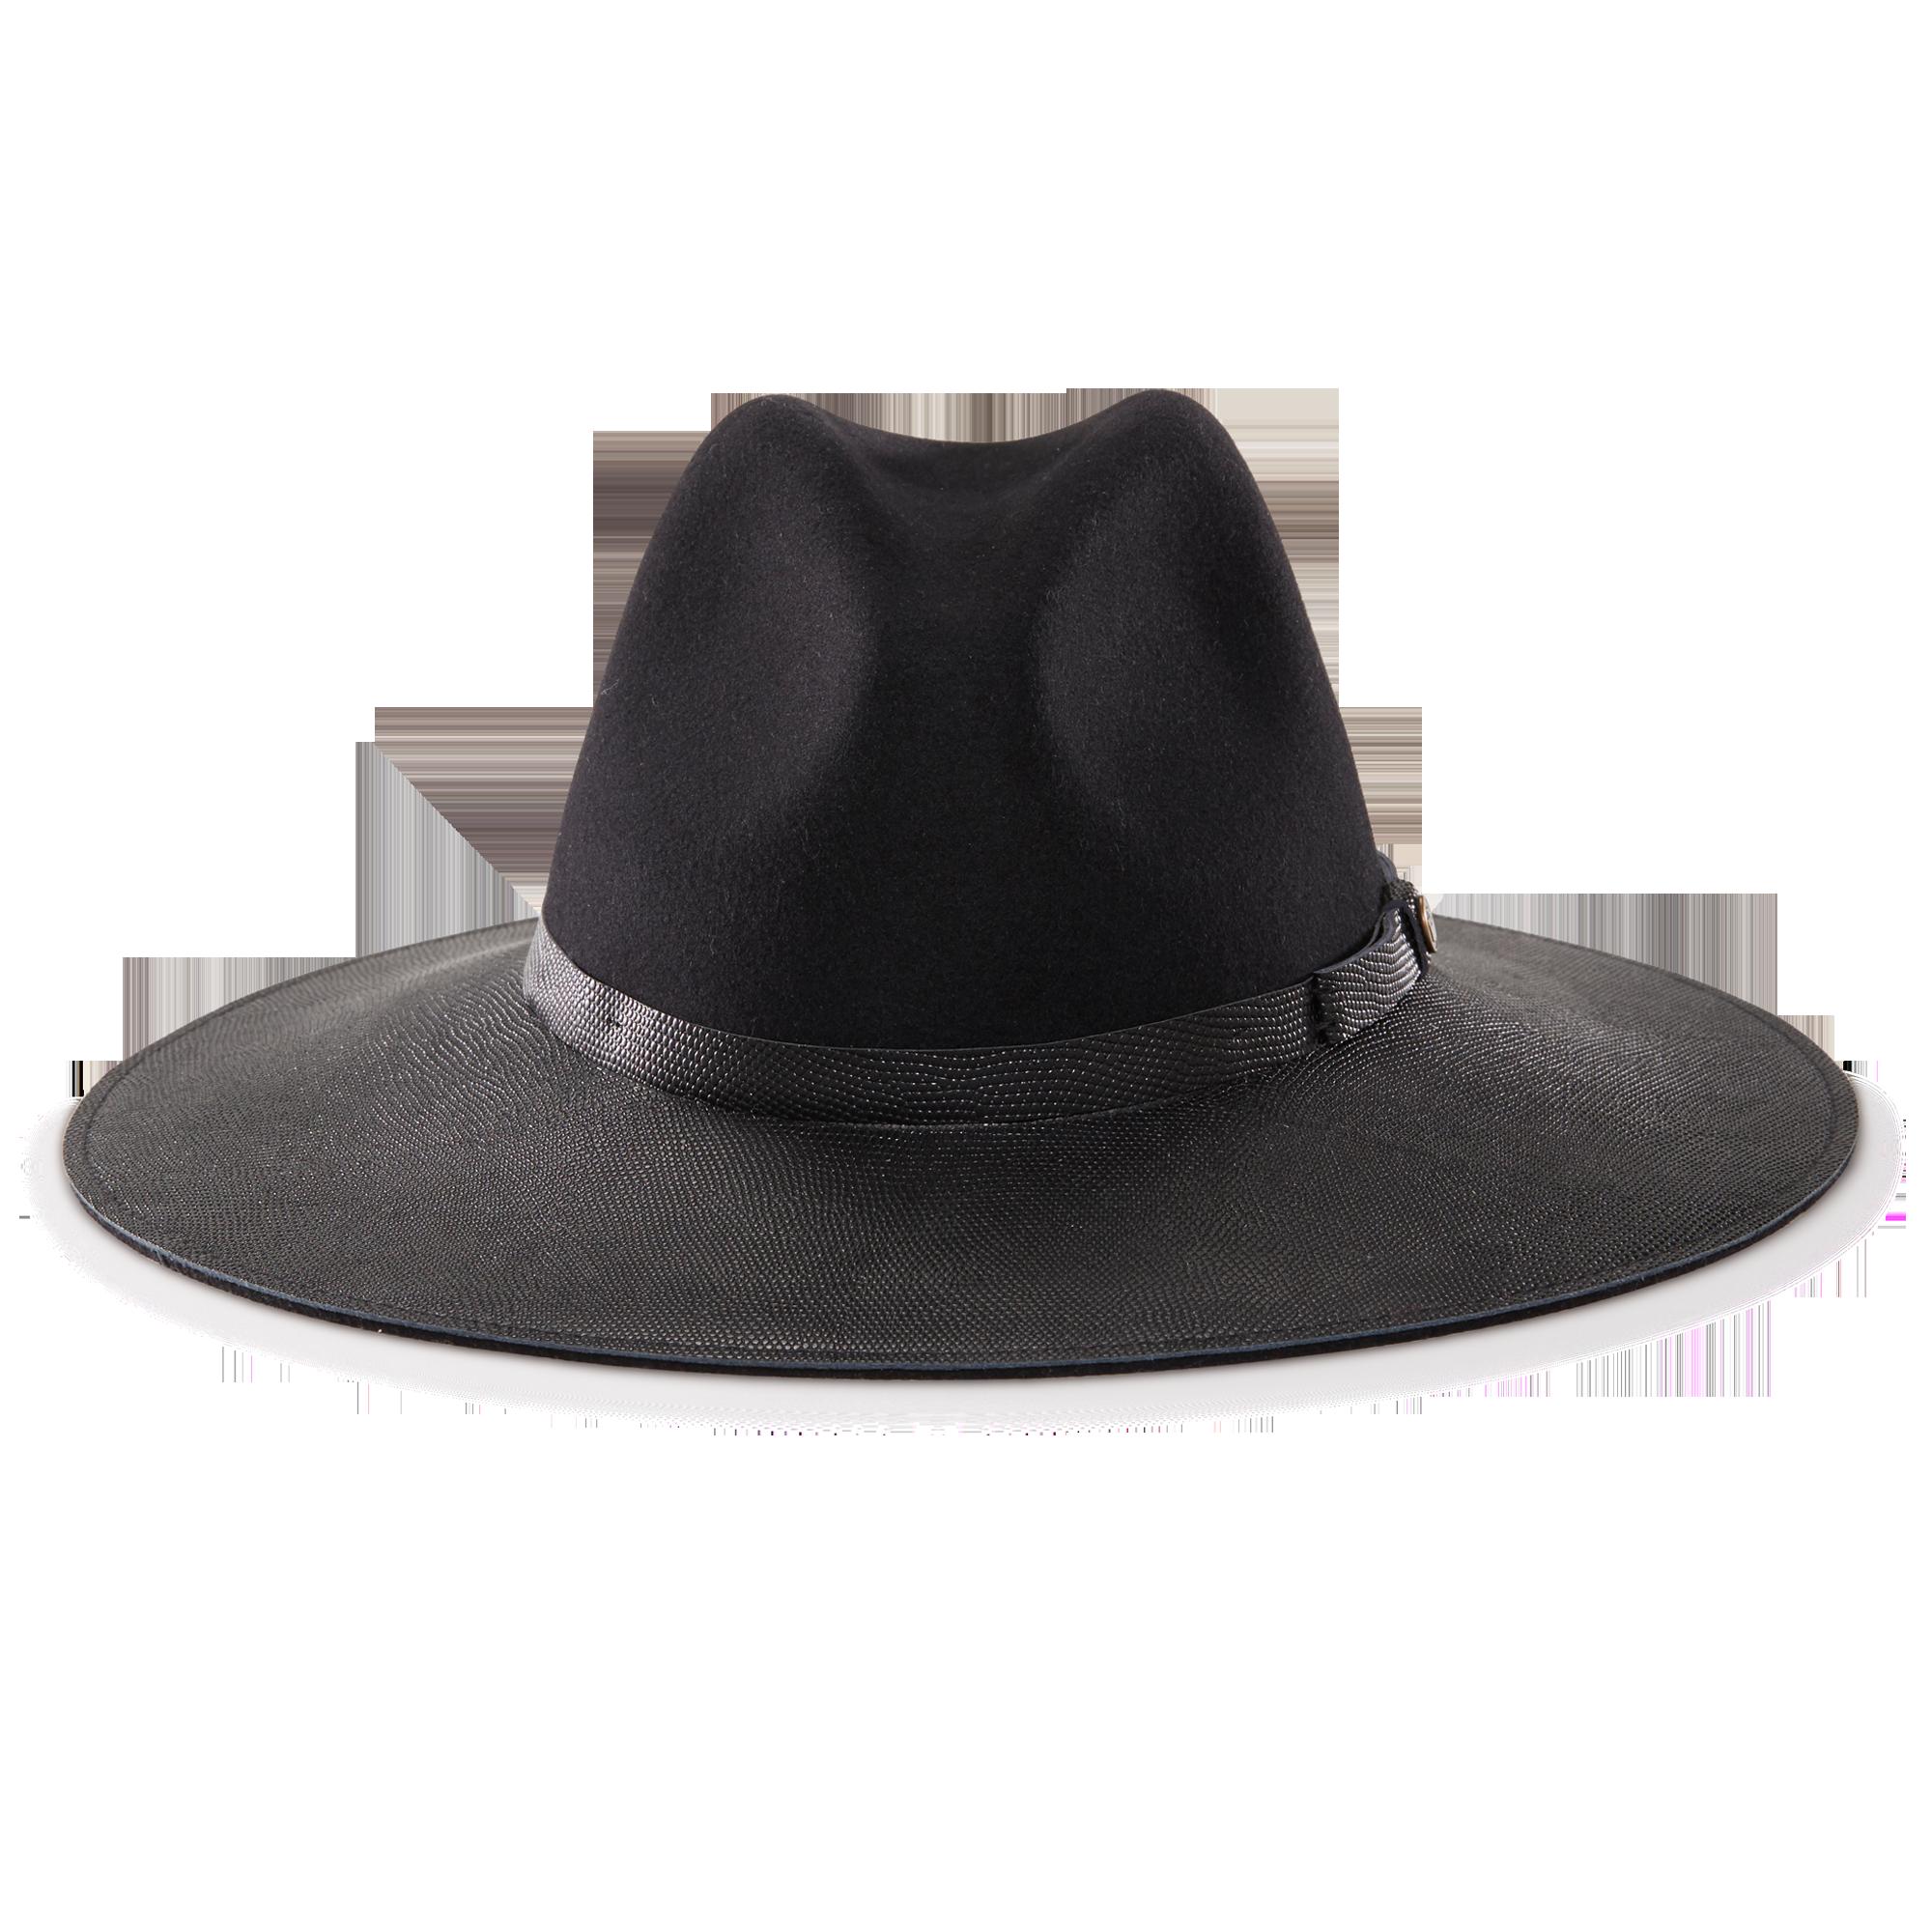 b5eef09314c Arctic Blackfelt Wide Brim Fedora hat front view